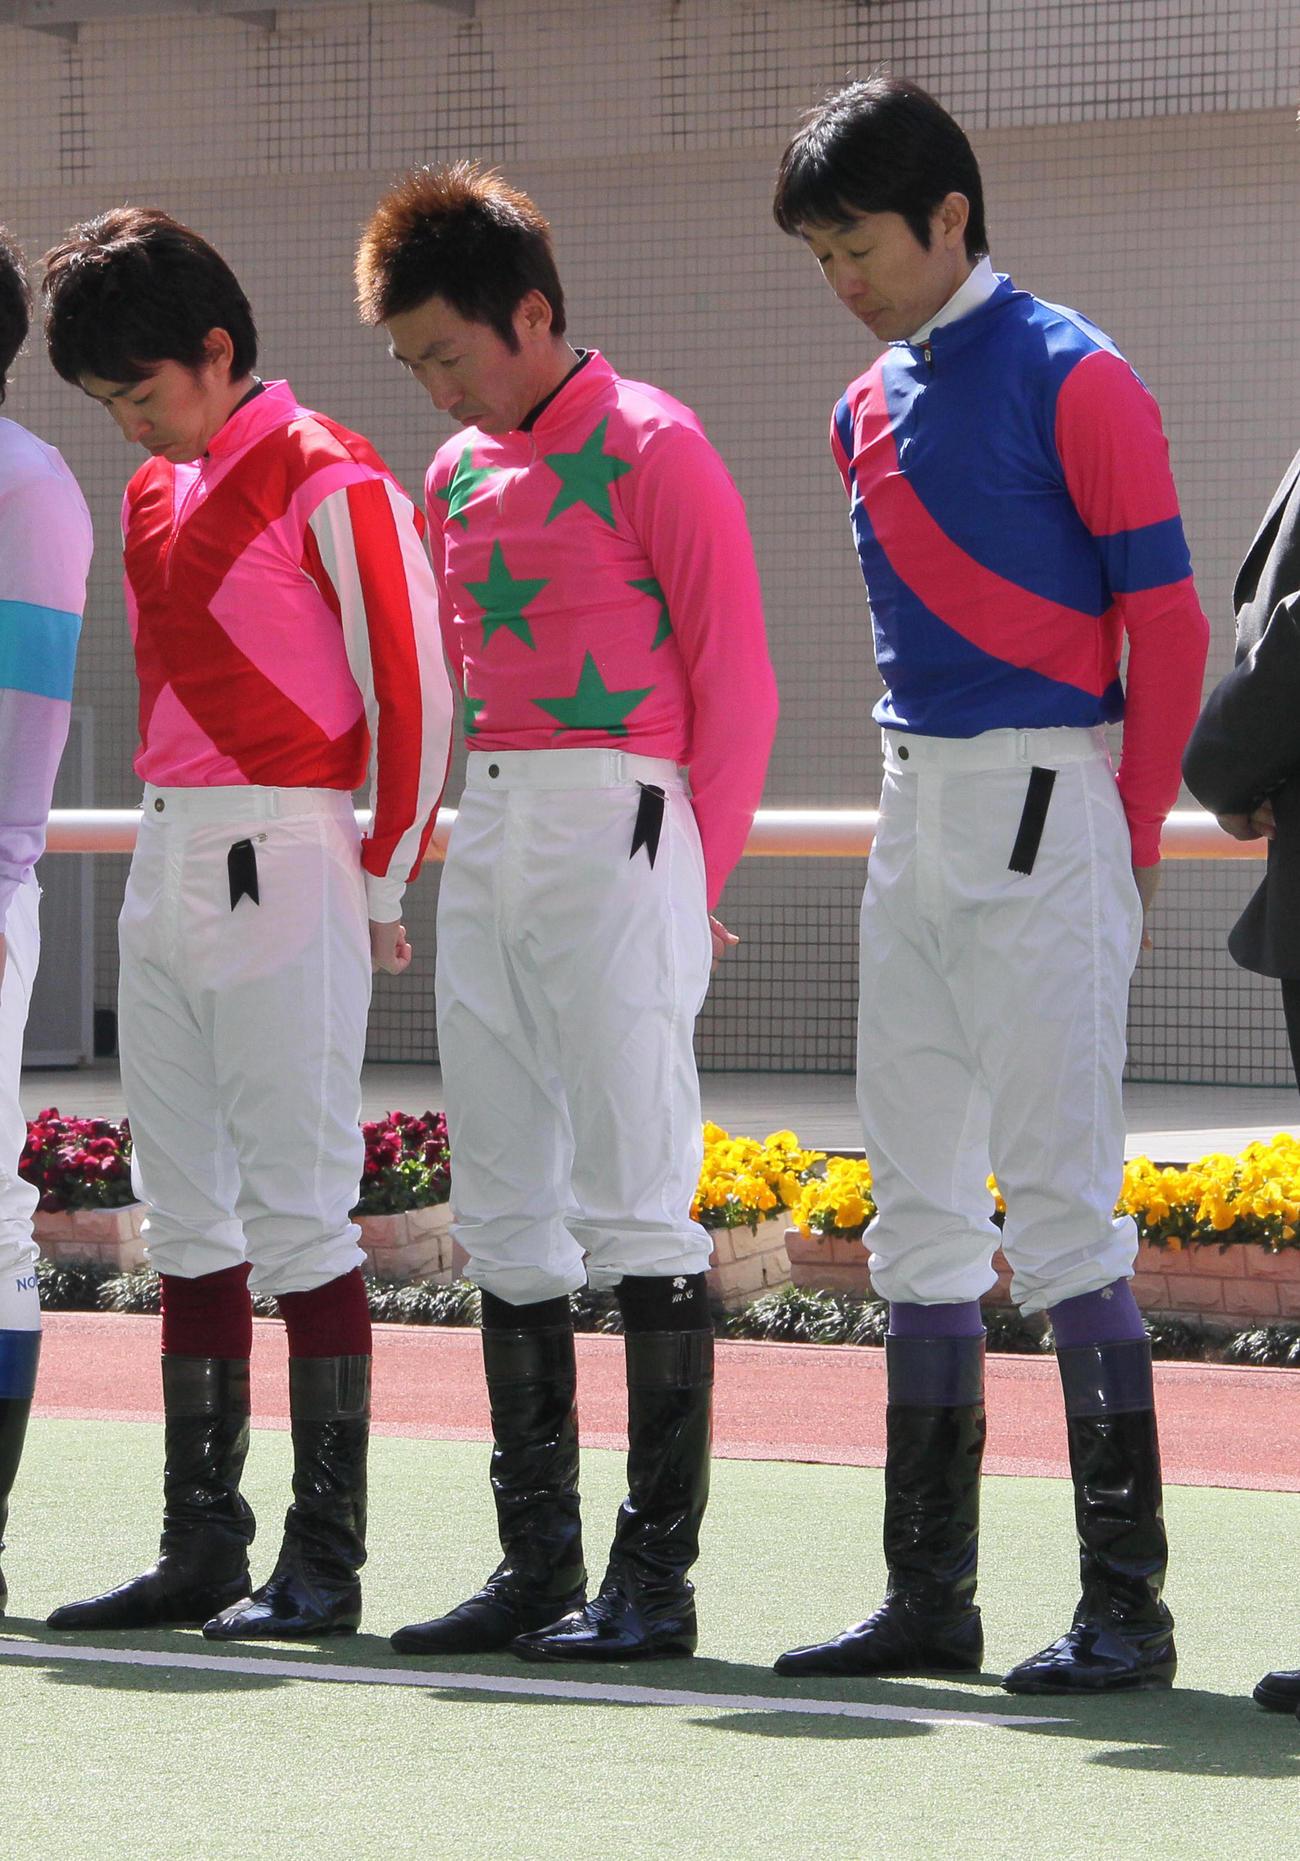 11年3月19日、東日本大震災の犠牲者を悼み黙とうする、左から福永騎手、蛯名騎手、武豊騎手